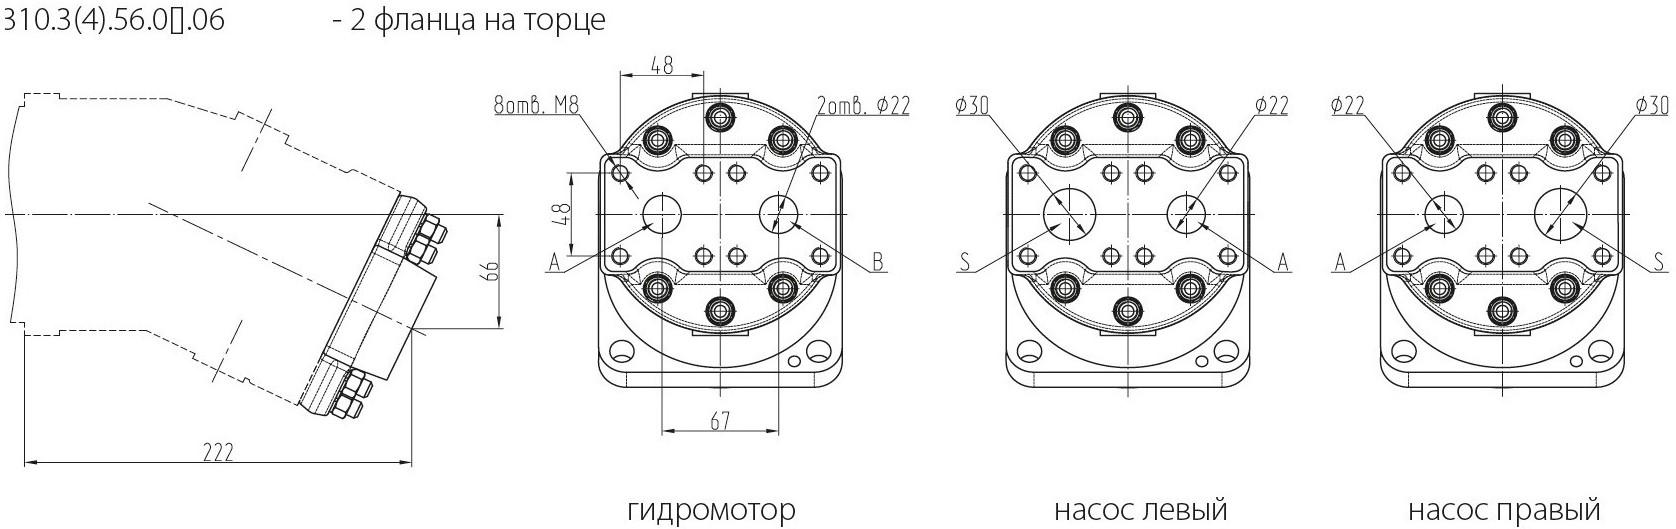 310.4.56.03.06 Присоединение рабочих линий встроенная аппаратура